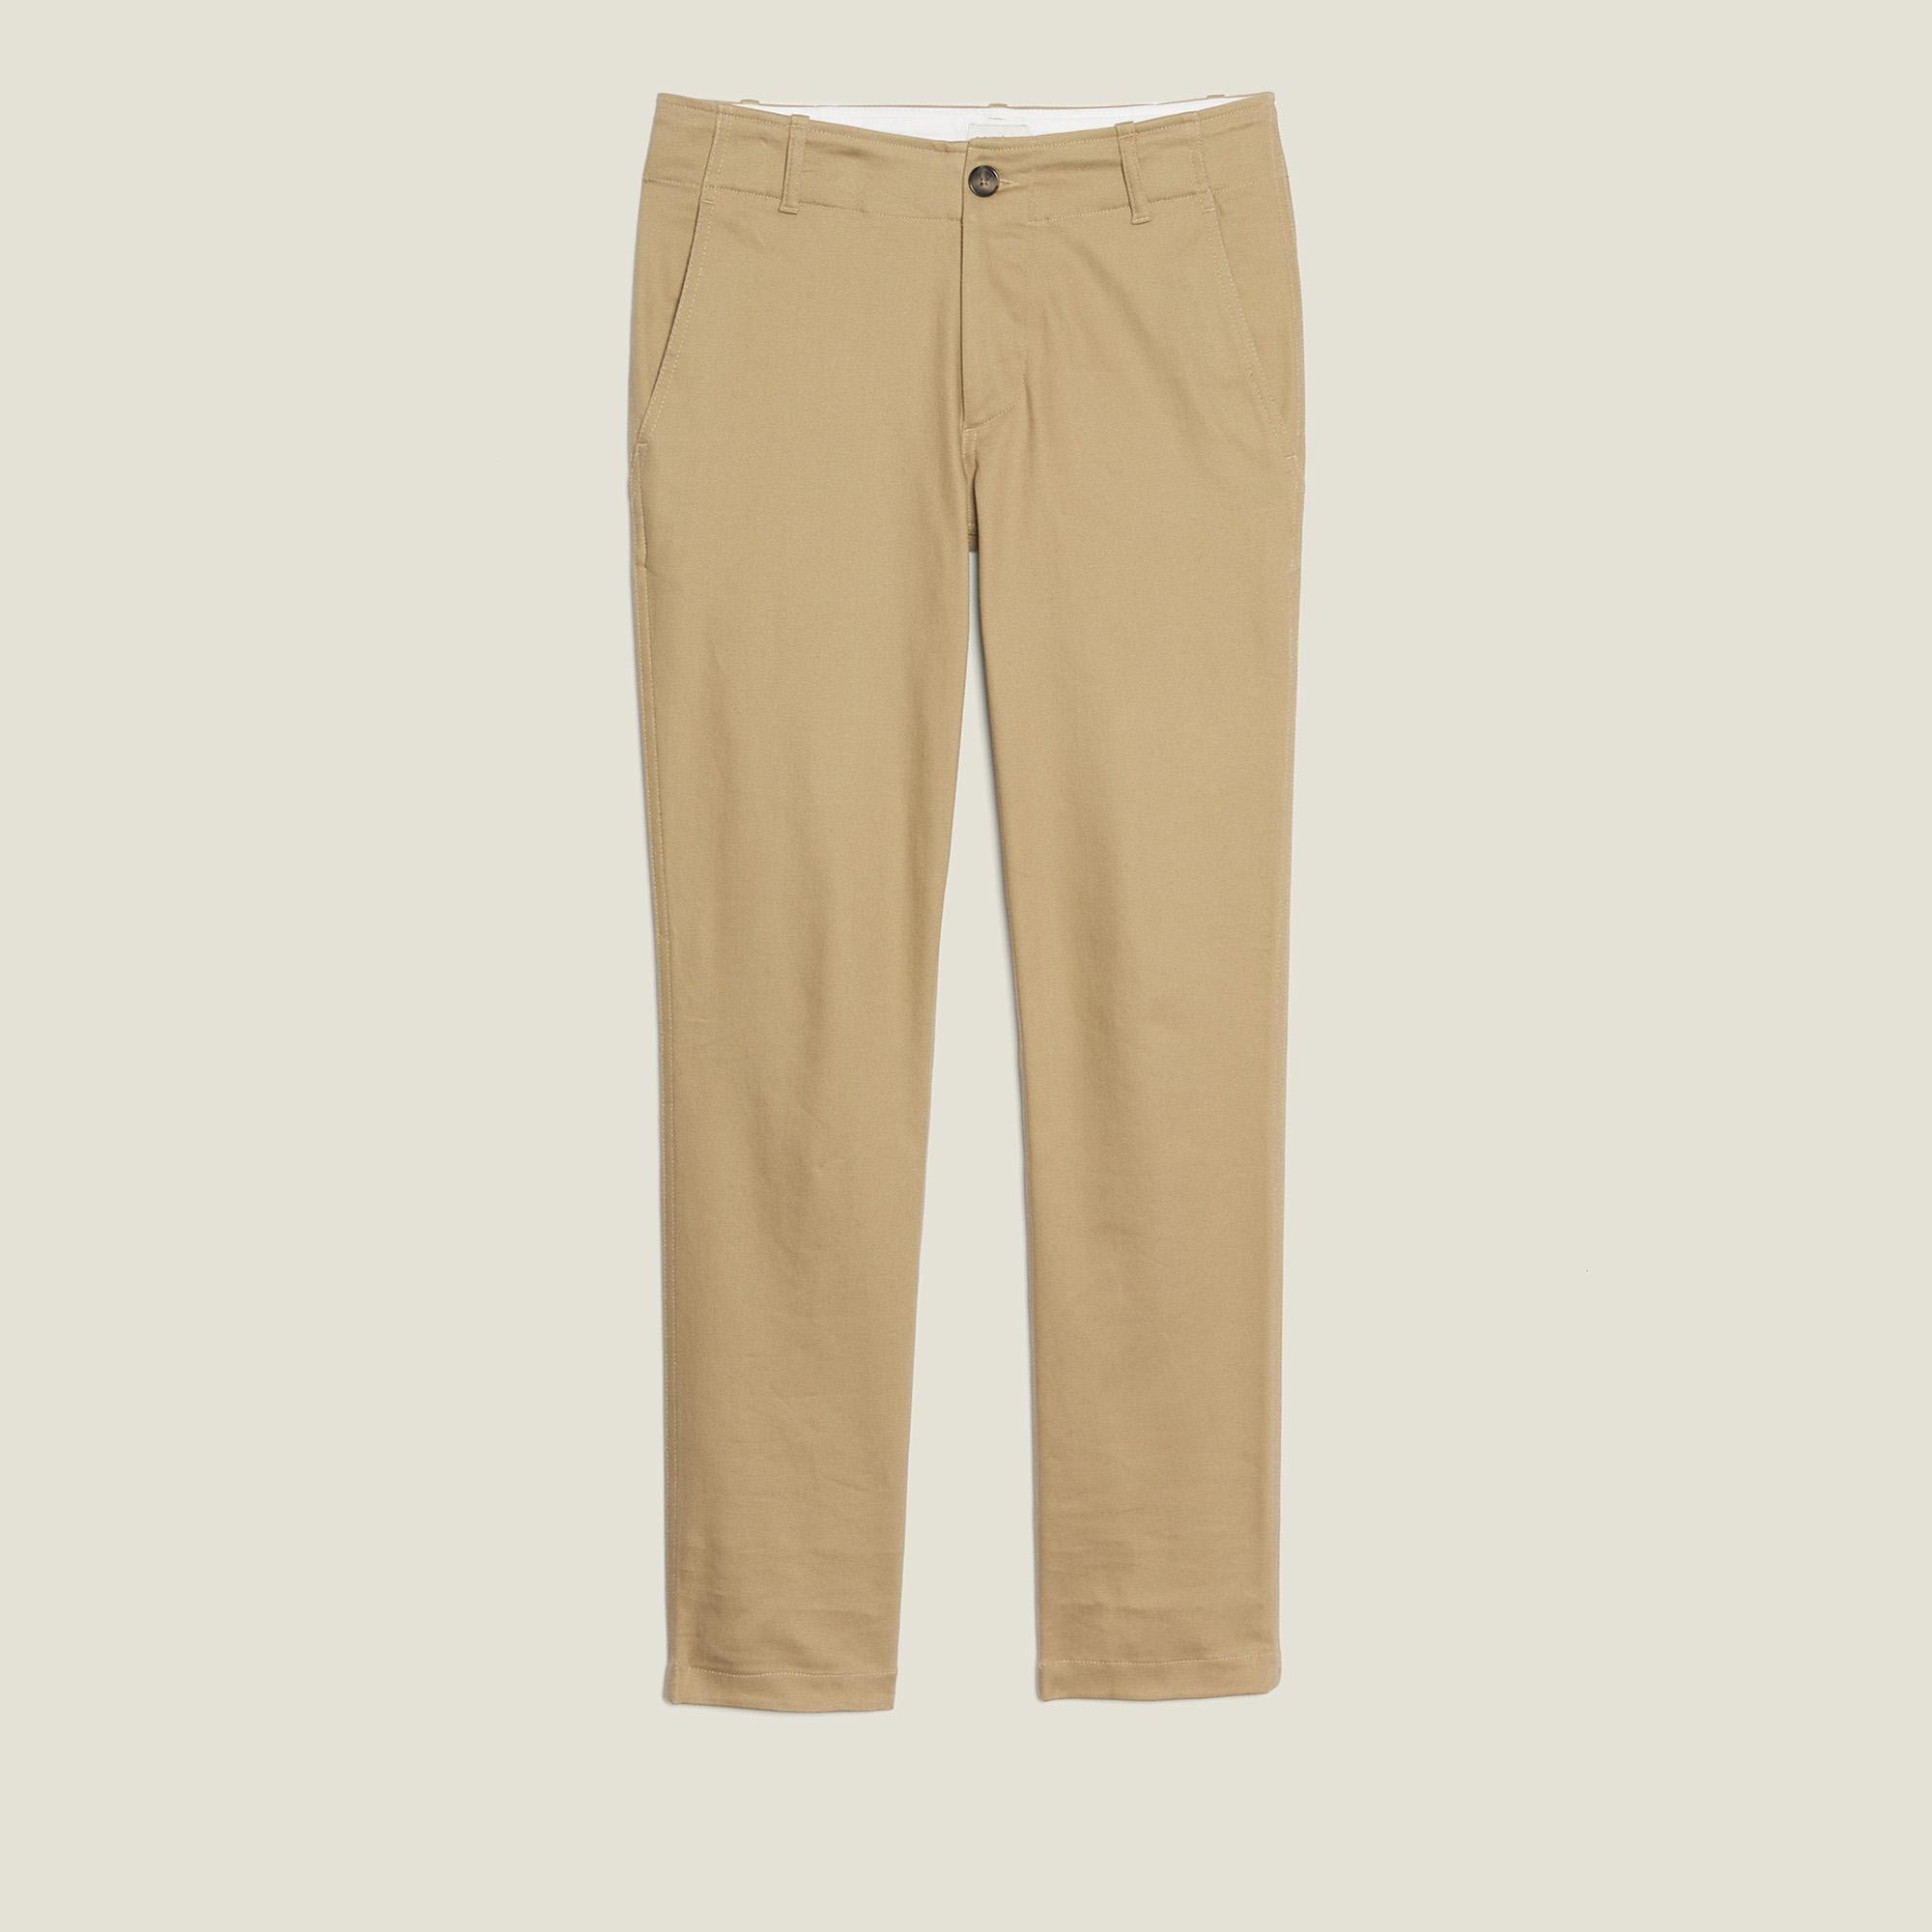 comment chercher En liquidation meilleur prix Straight-Leg Chino Trousers